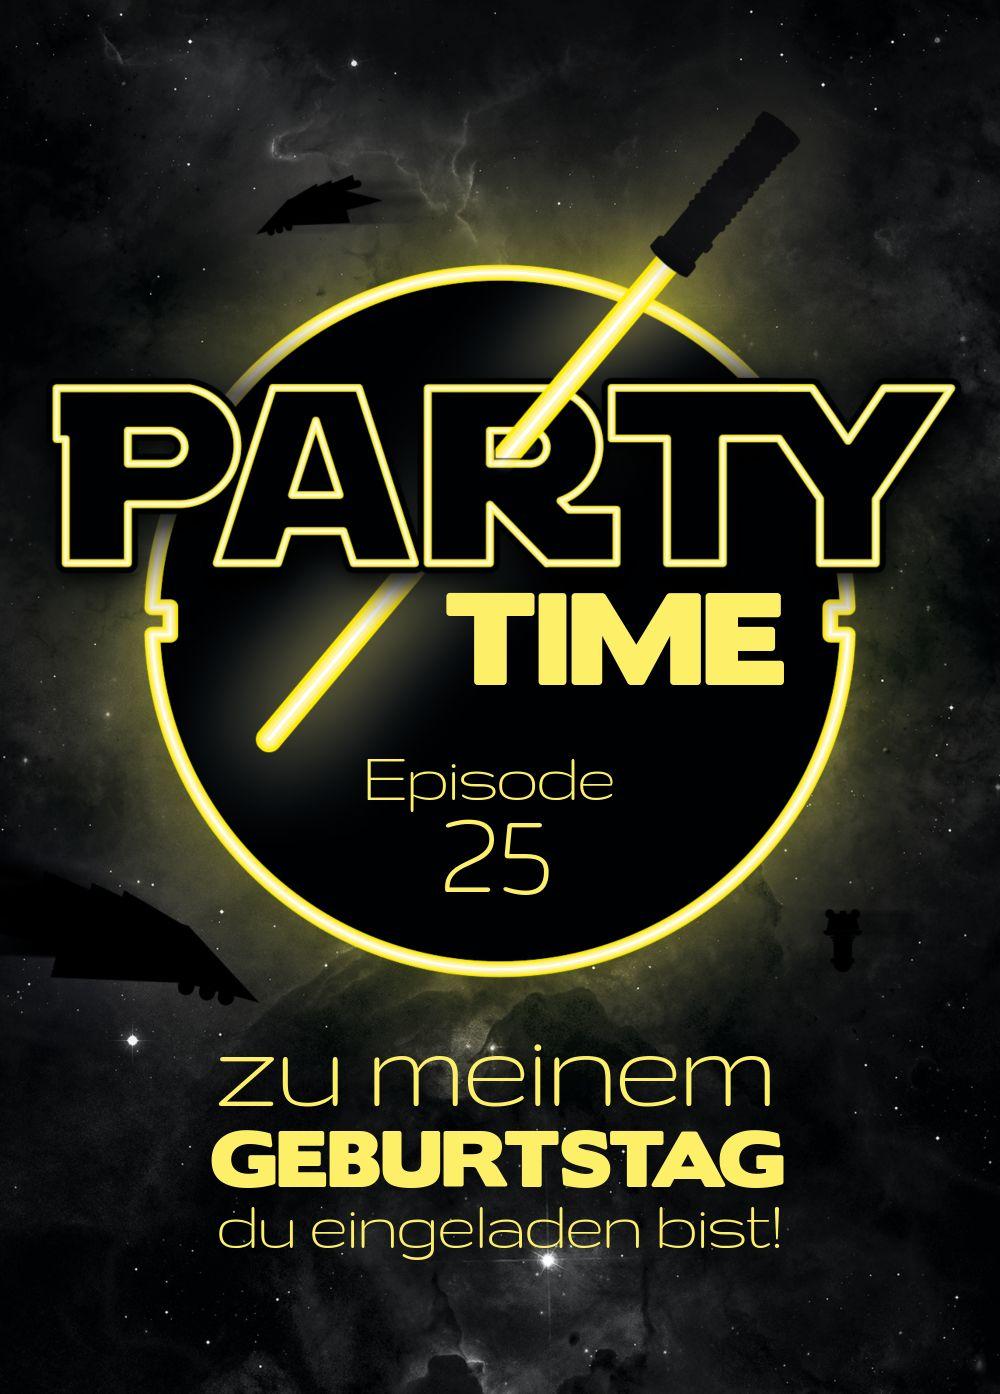 Ansicht 2 - Geburtstagseinladung Partytime